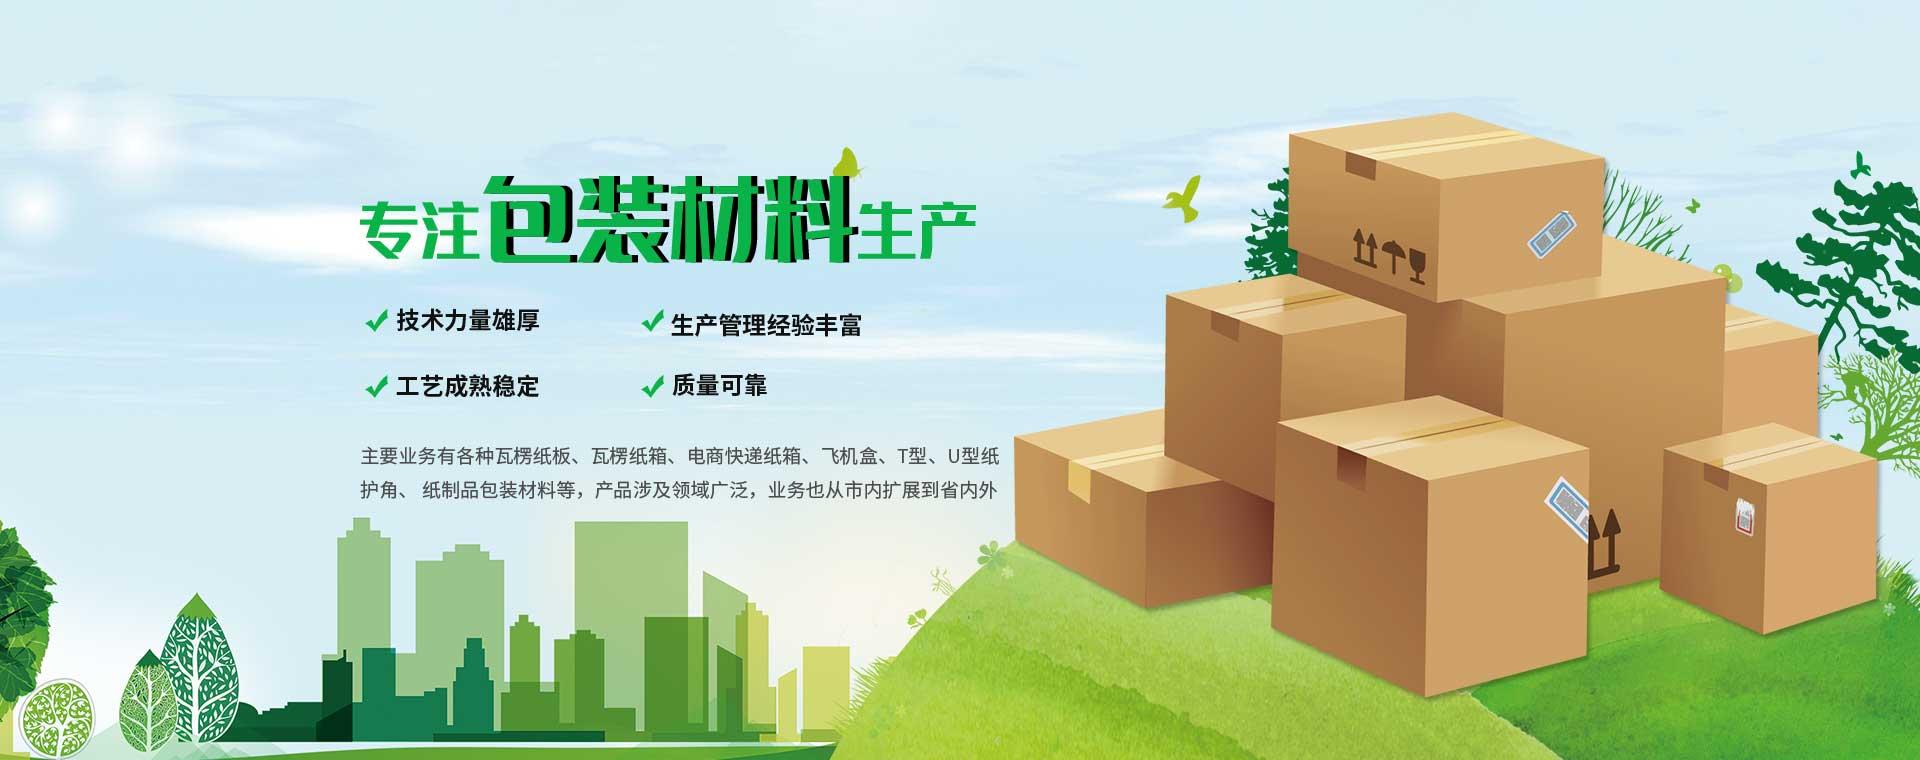 武汉纸箱,武汉外包装纸箱,纸箱包装材料厂